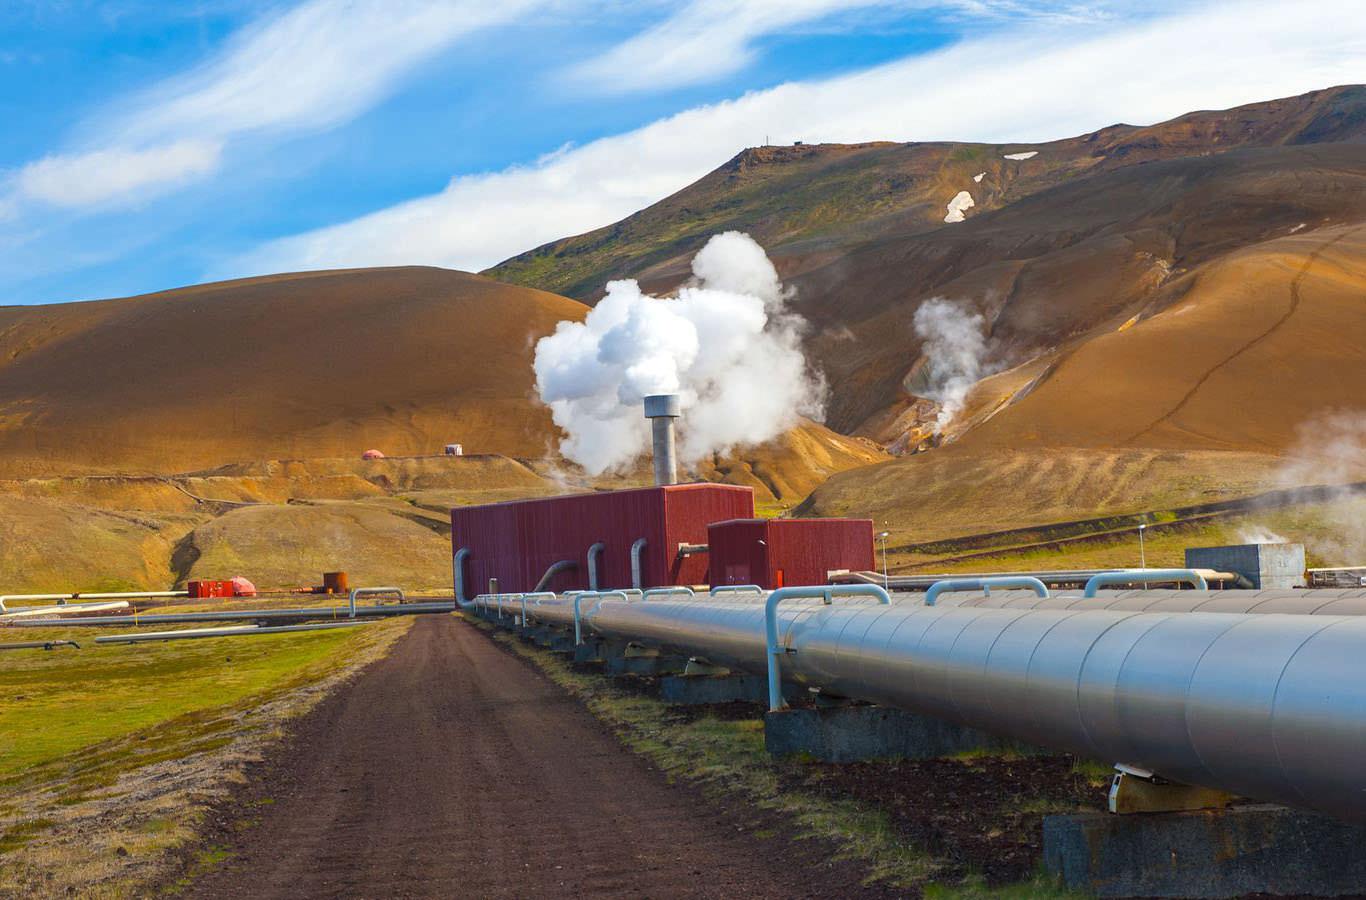 Исландия будет использовать вулканы как источник альтернативной энергии